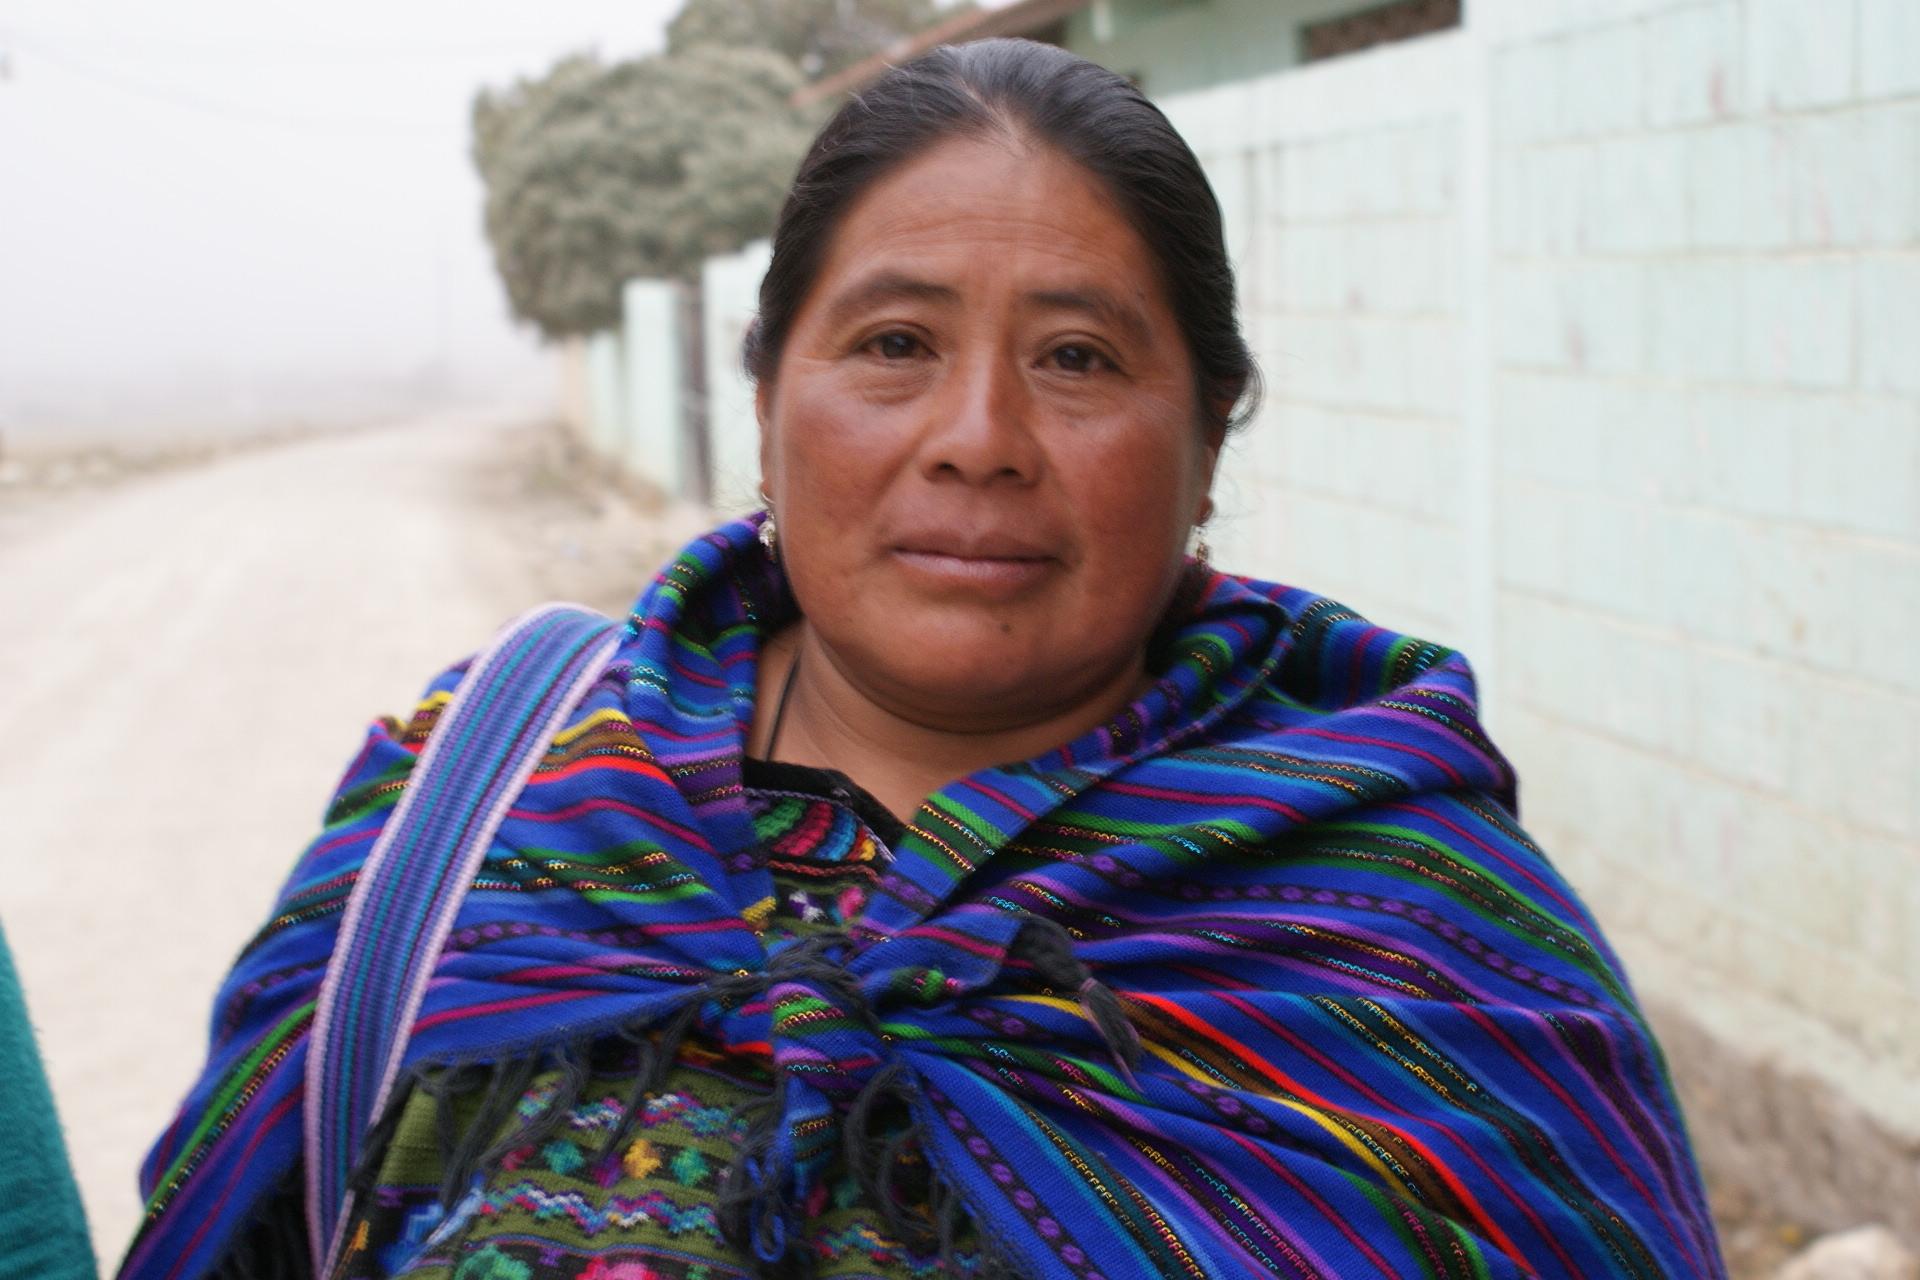 Hoja informativa en conmemoración al Día Internacional de la Mujer Indígena.